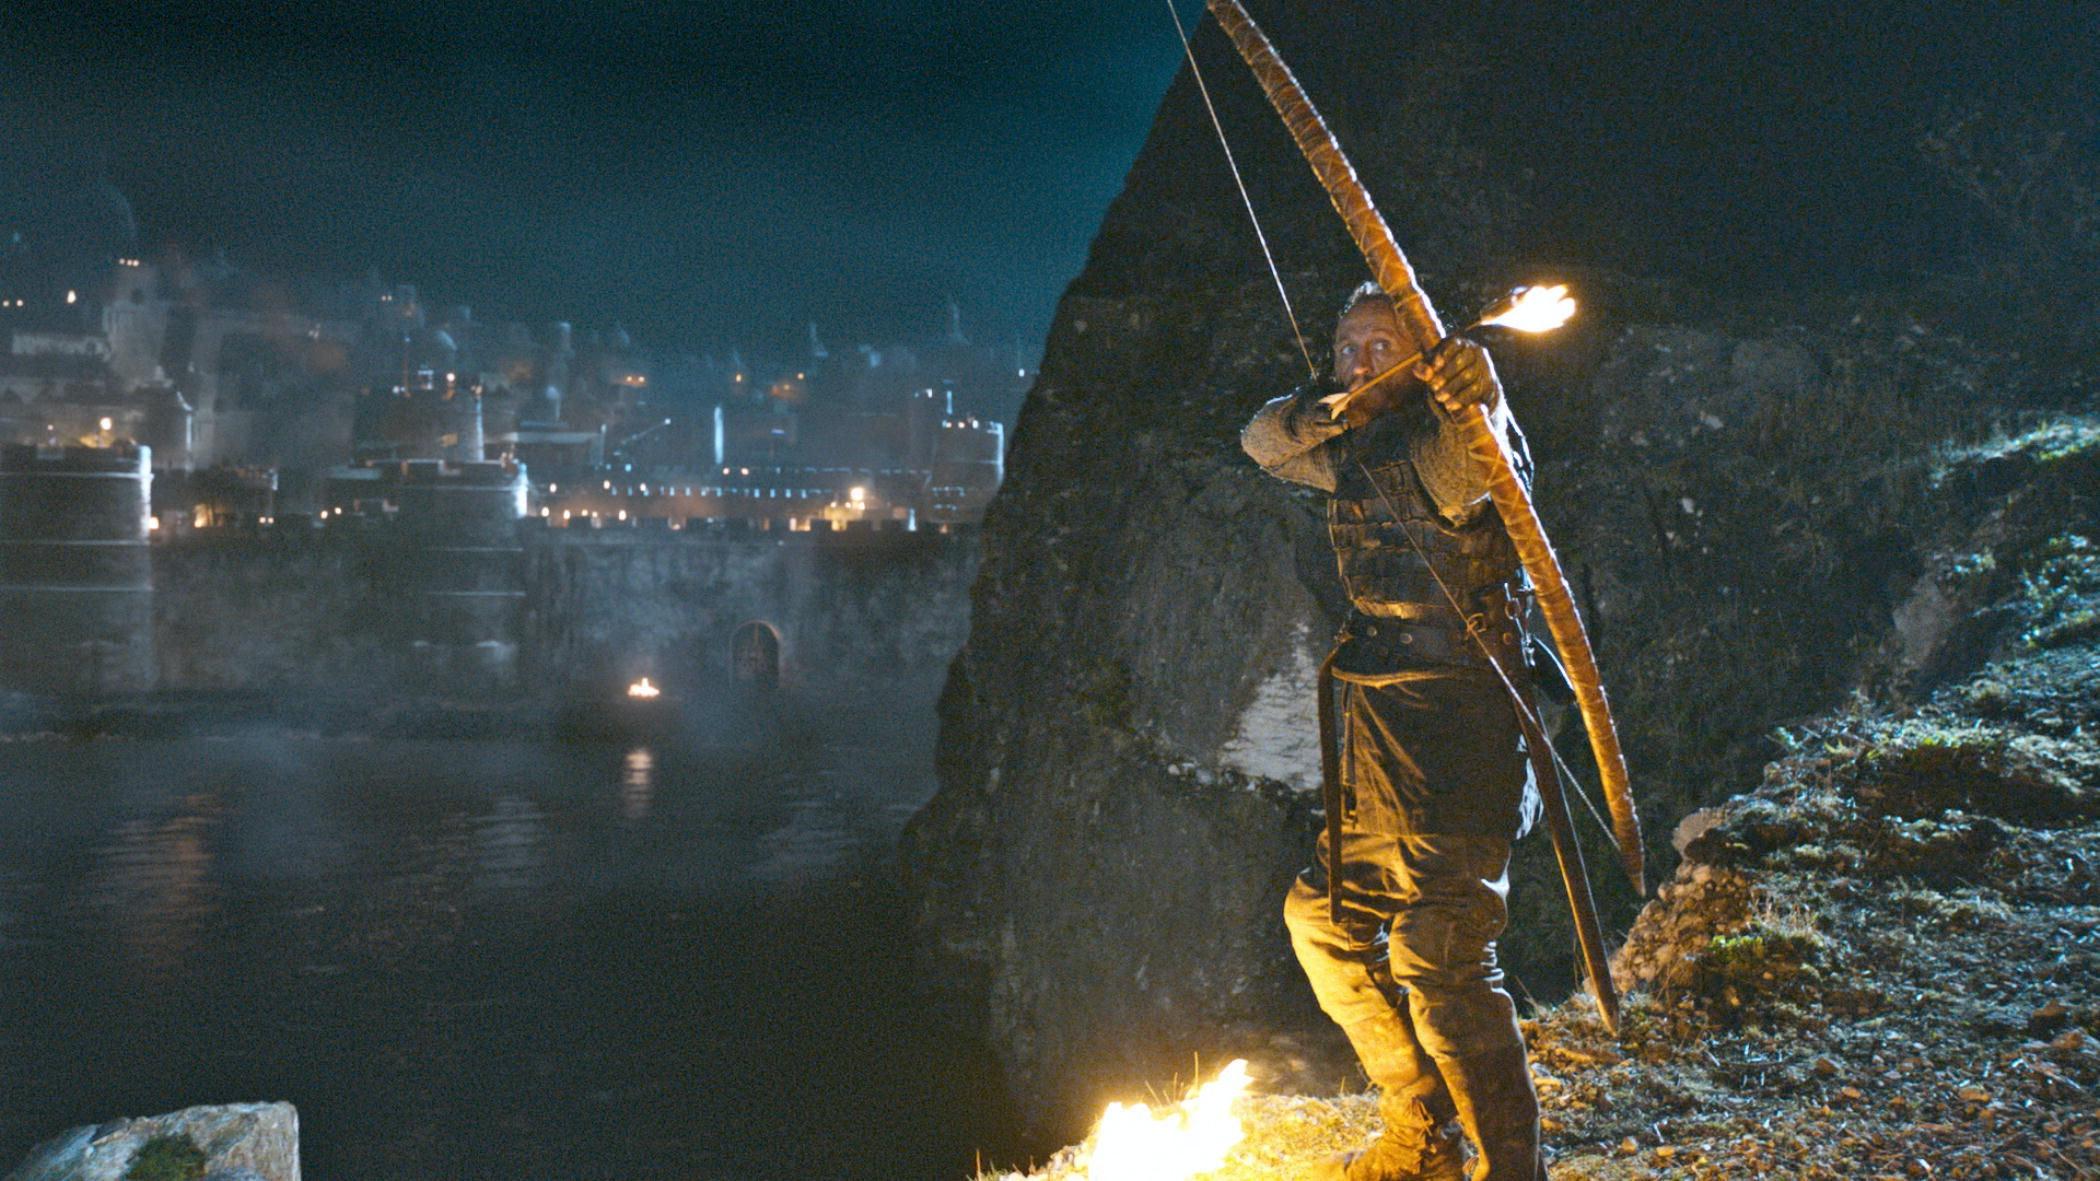 Αποτέλεσμα εικόνας για game of thrones blackwater